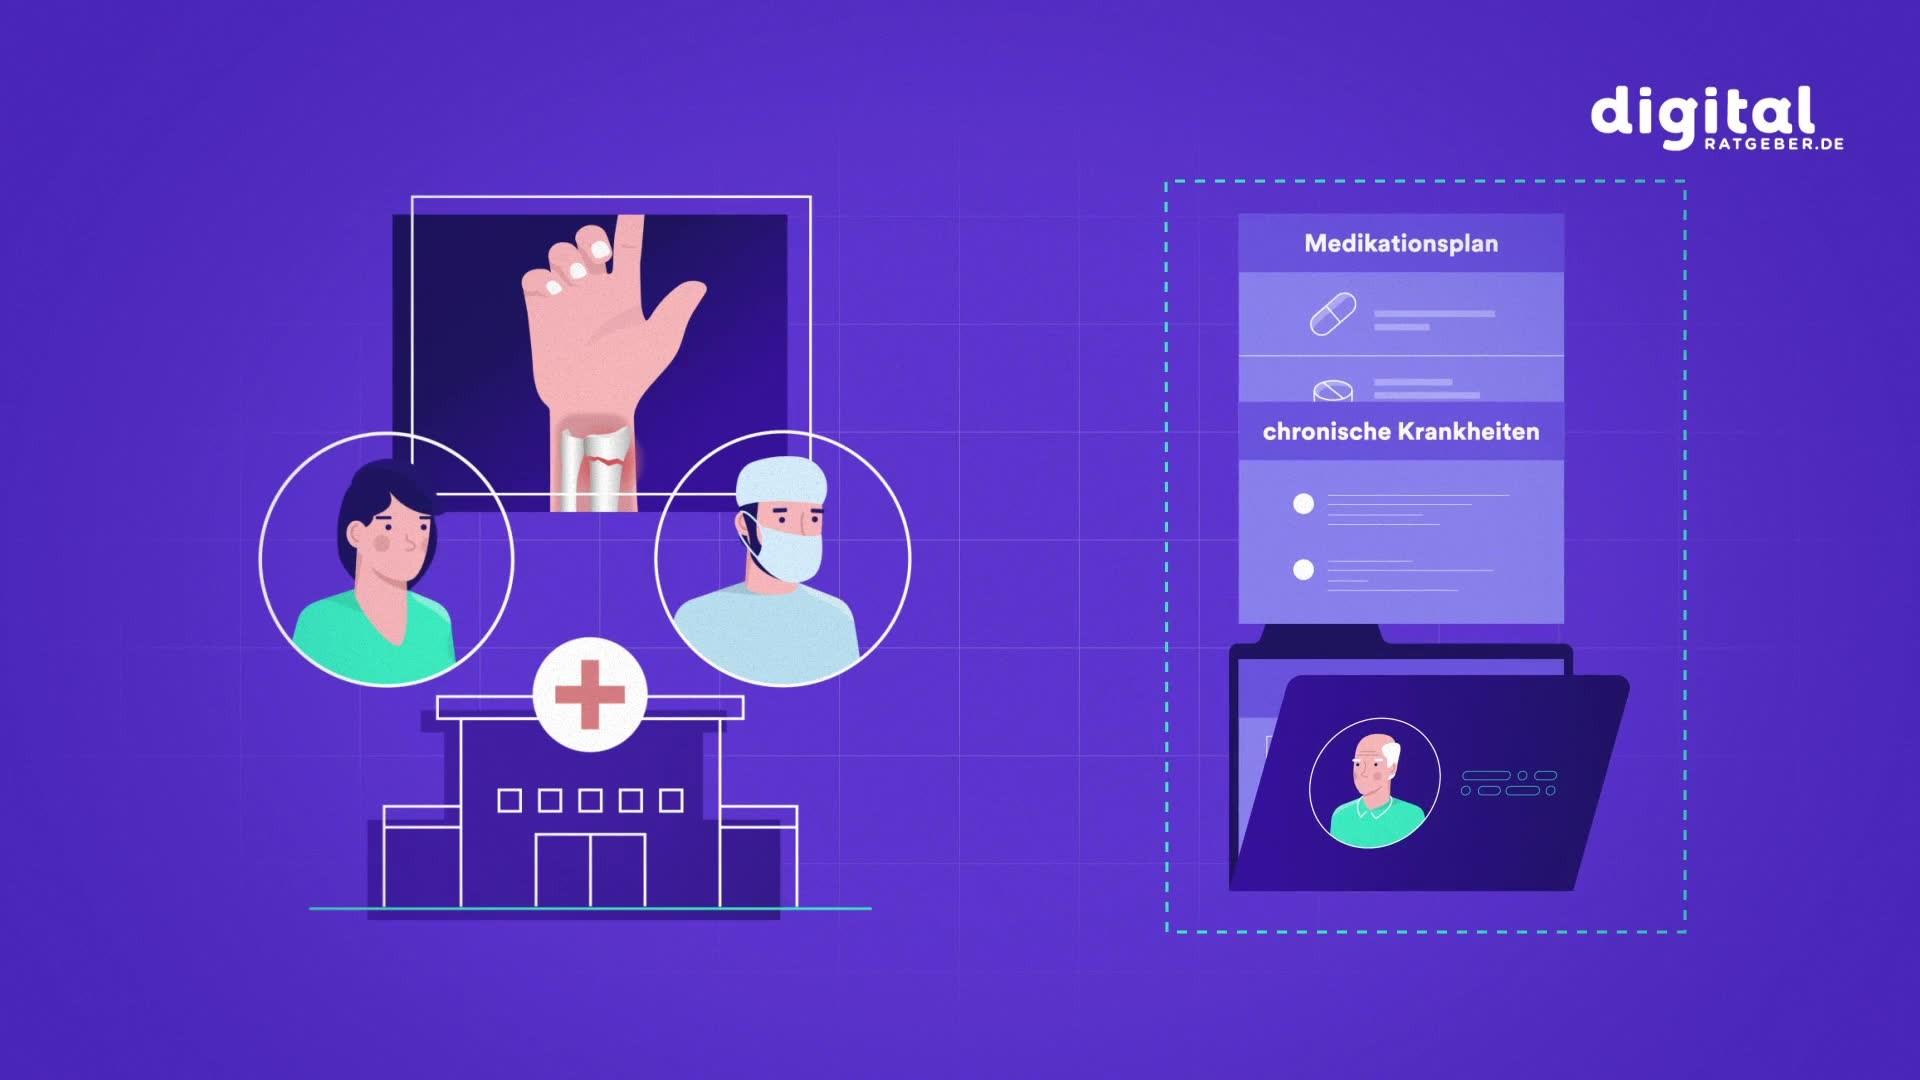 Die elektronische Patientenakte soll die ärztliche Behandlung erleichtern. Warum? Das erzählt dieses Fallbeispiel.